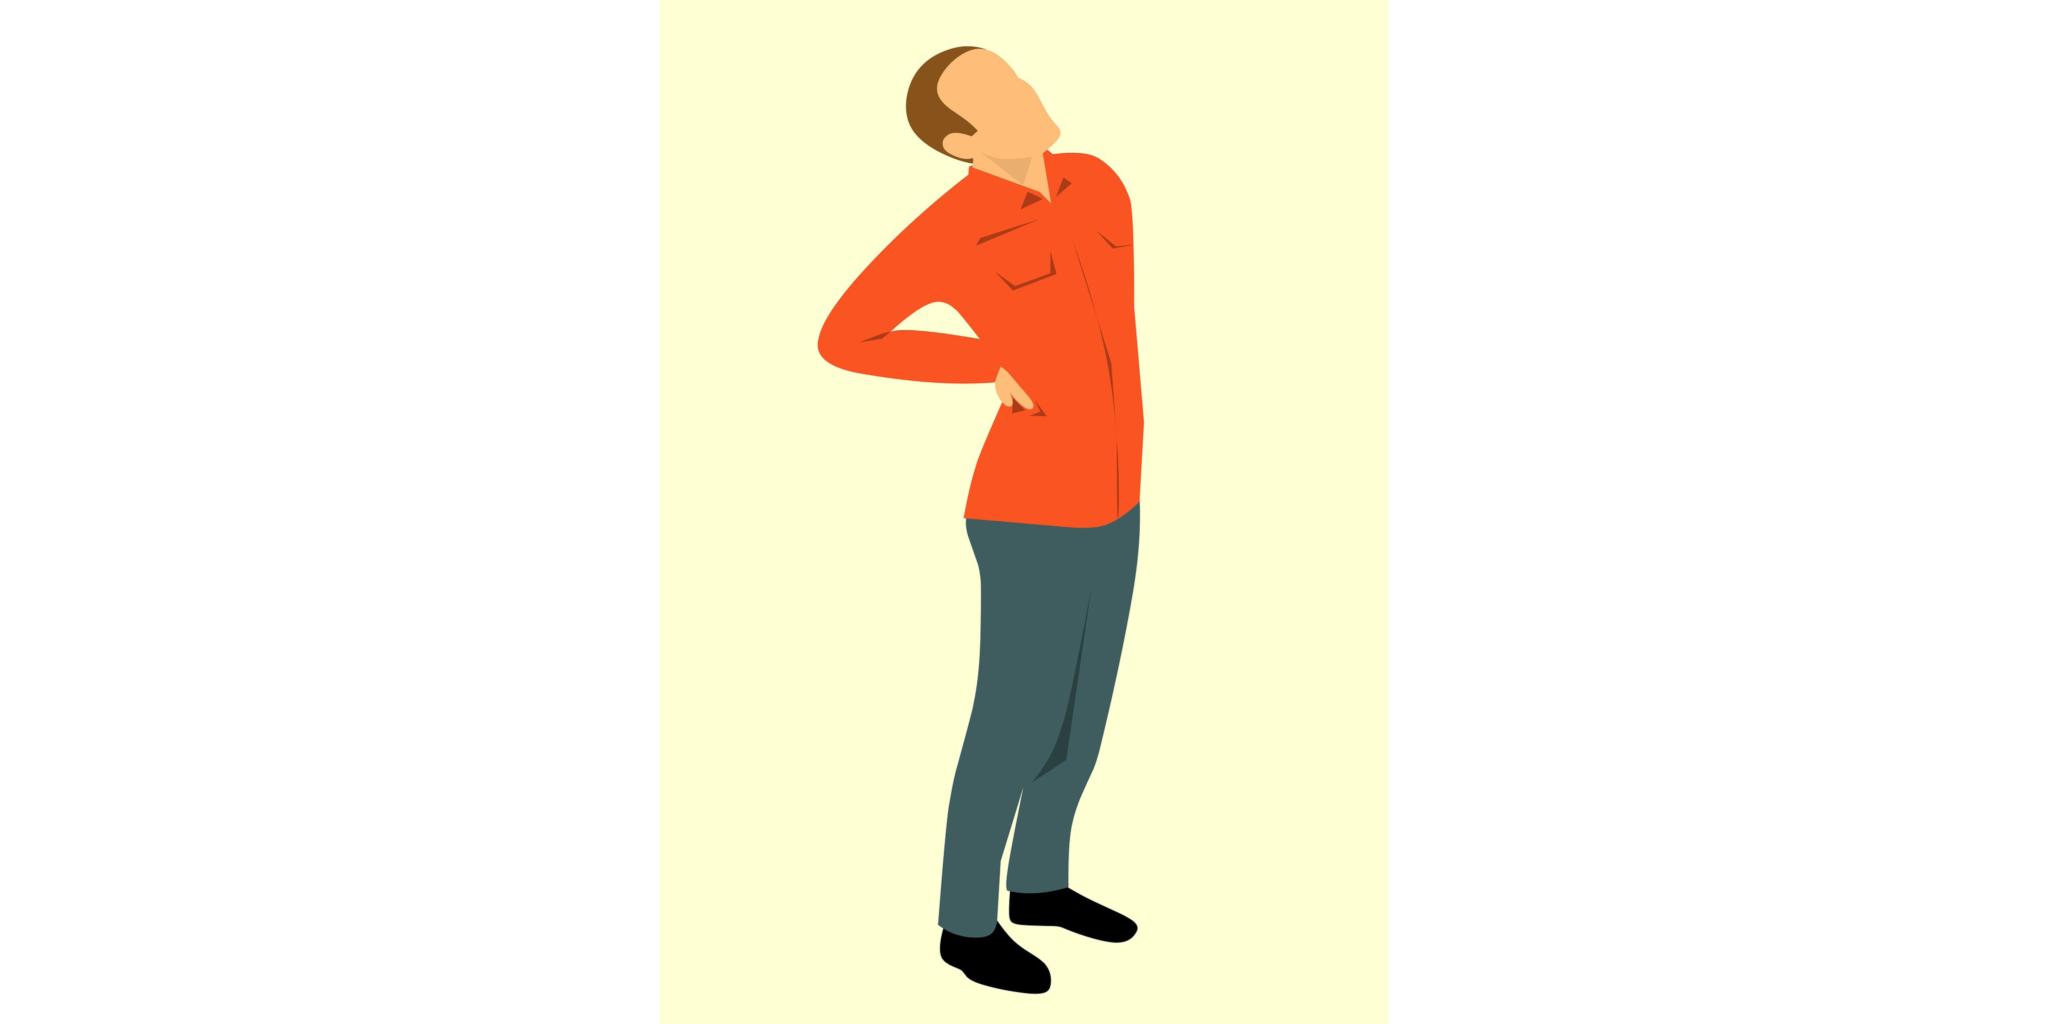 Vous souffrez de mal de dos ? La solution n'est pas celle que vous croyez